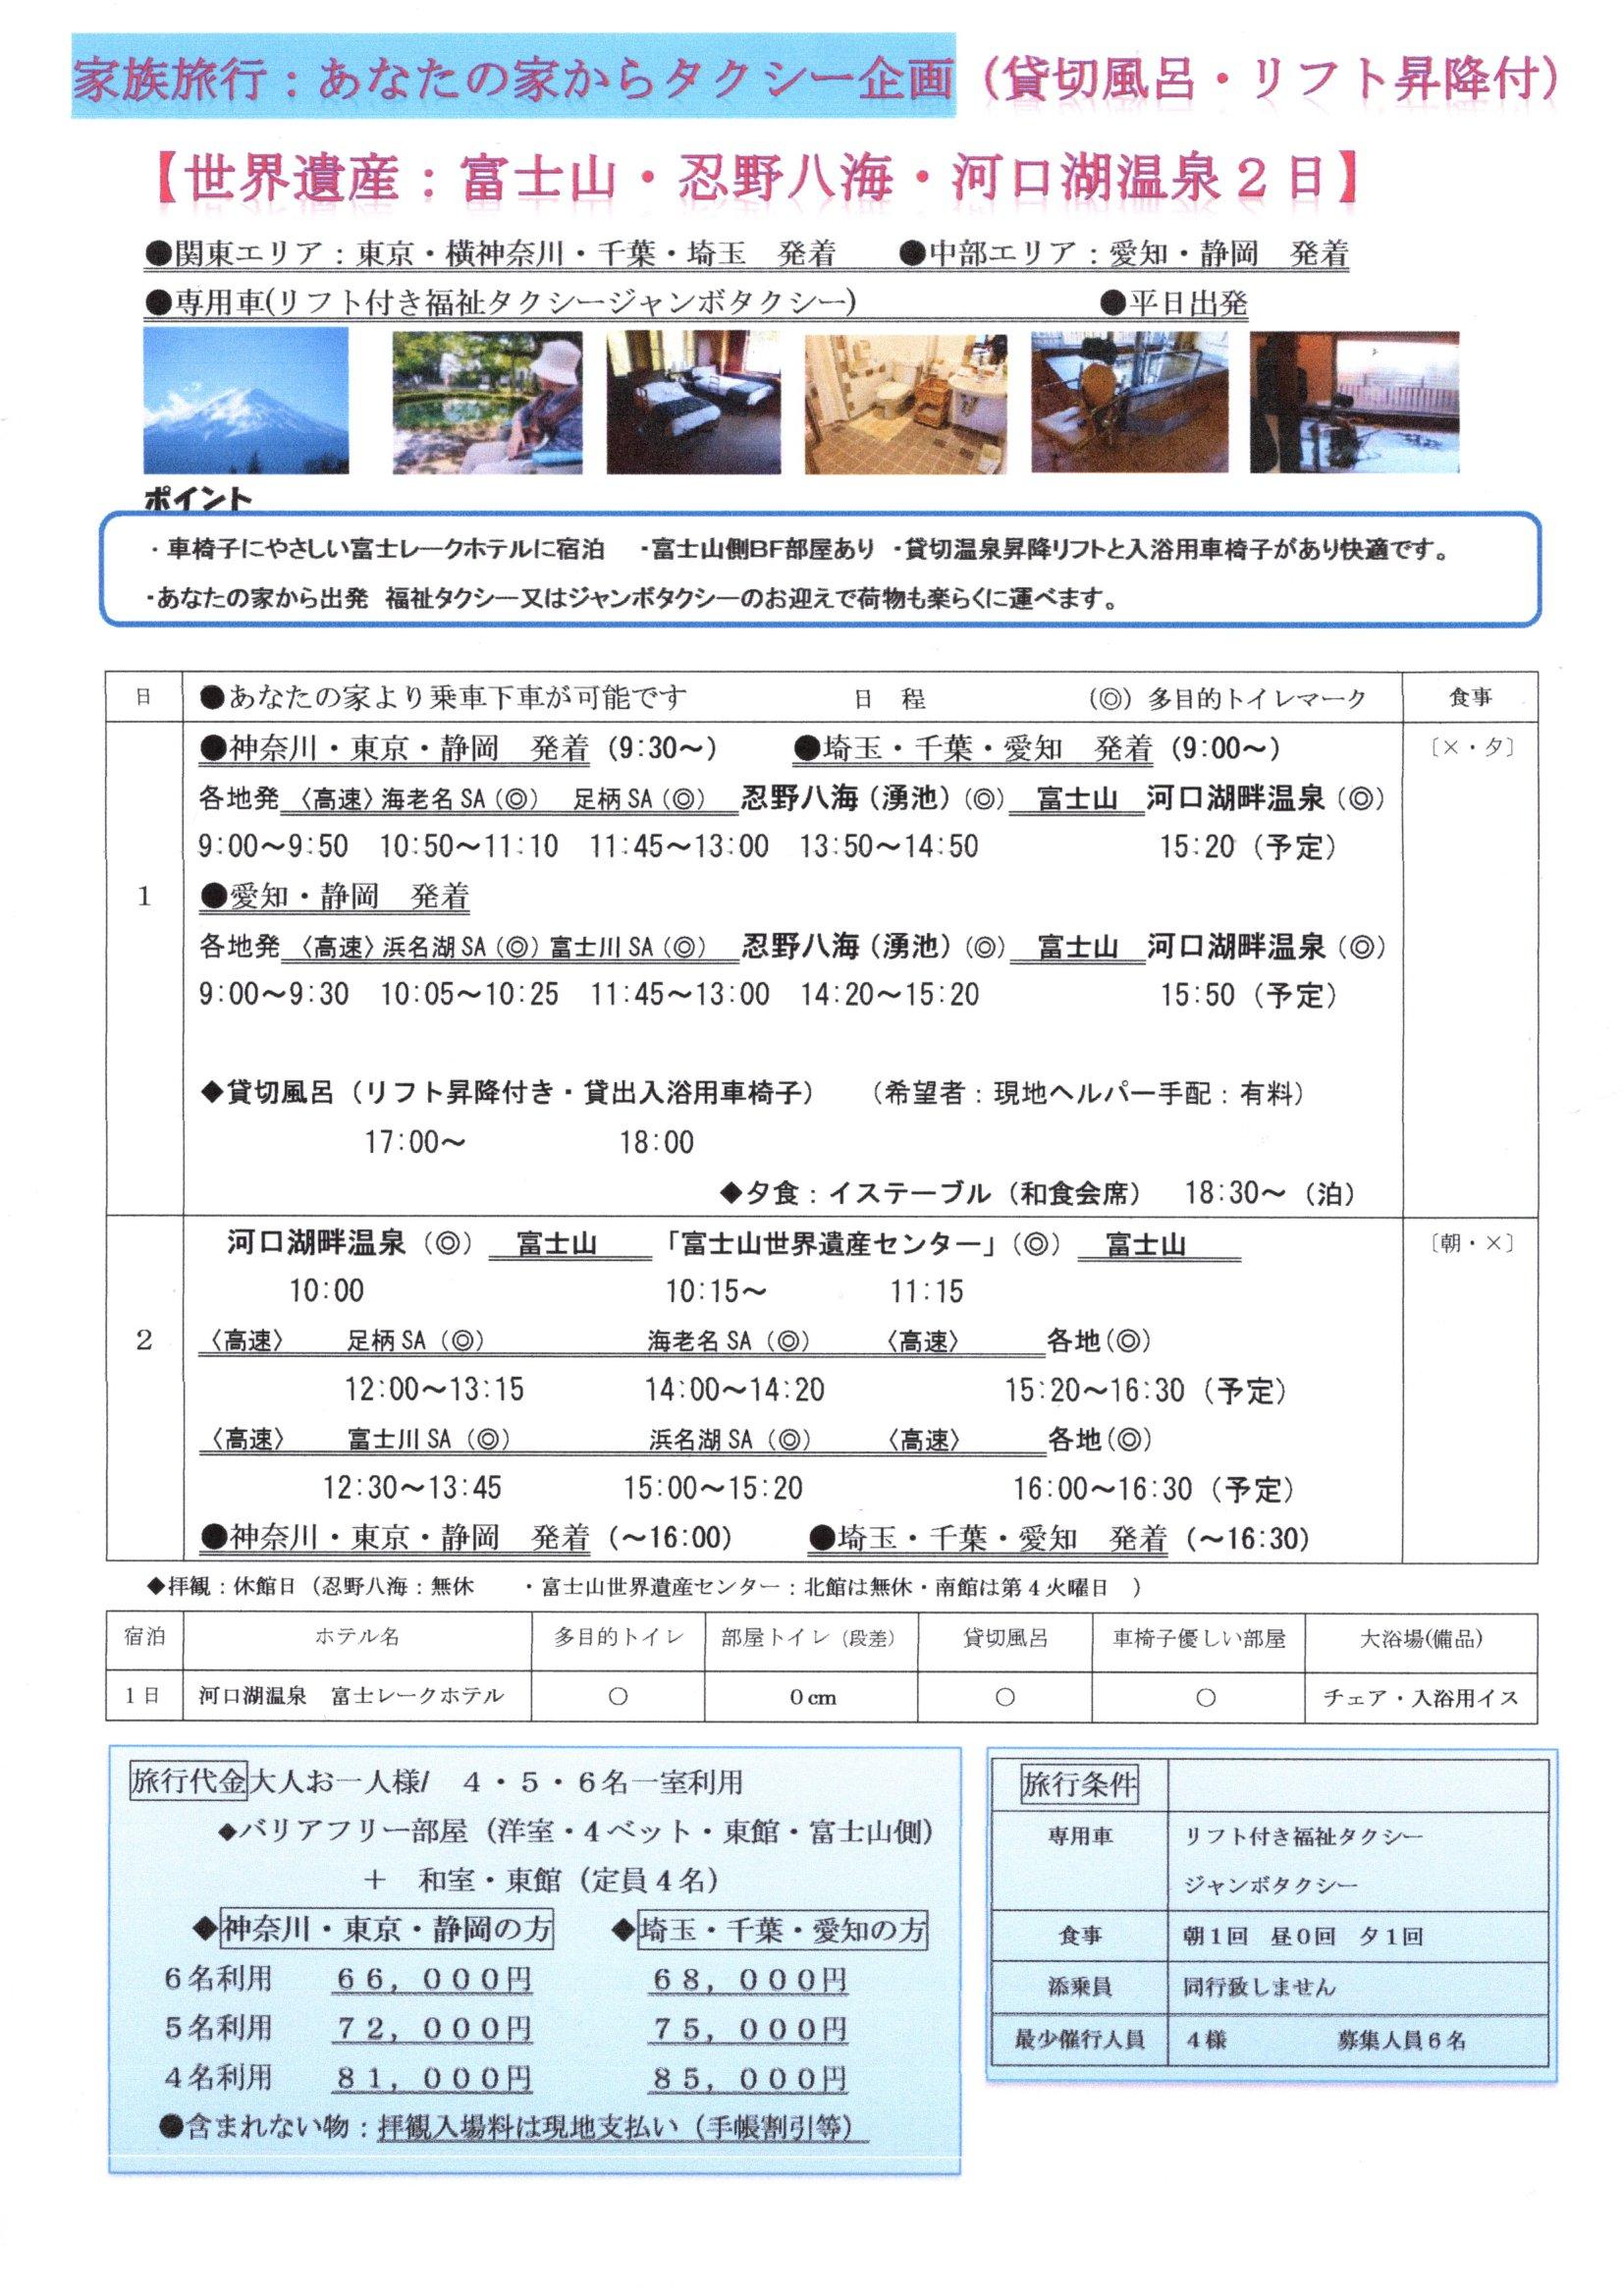 世界遺産富士山・忍野八海・のんびり河口湖温泉 2日